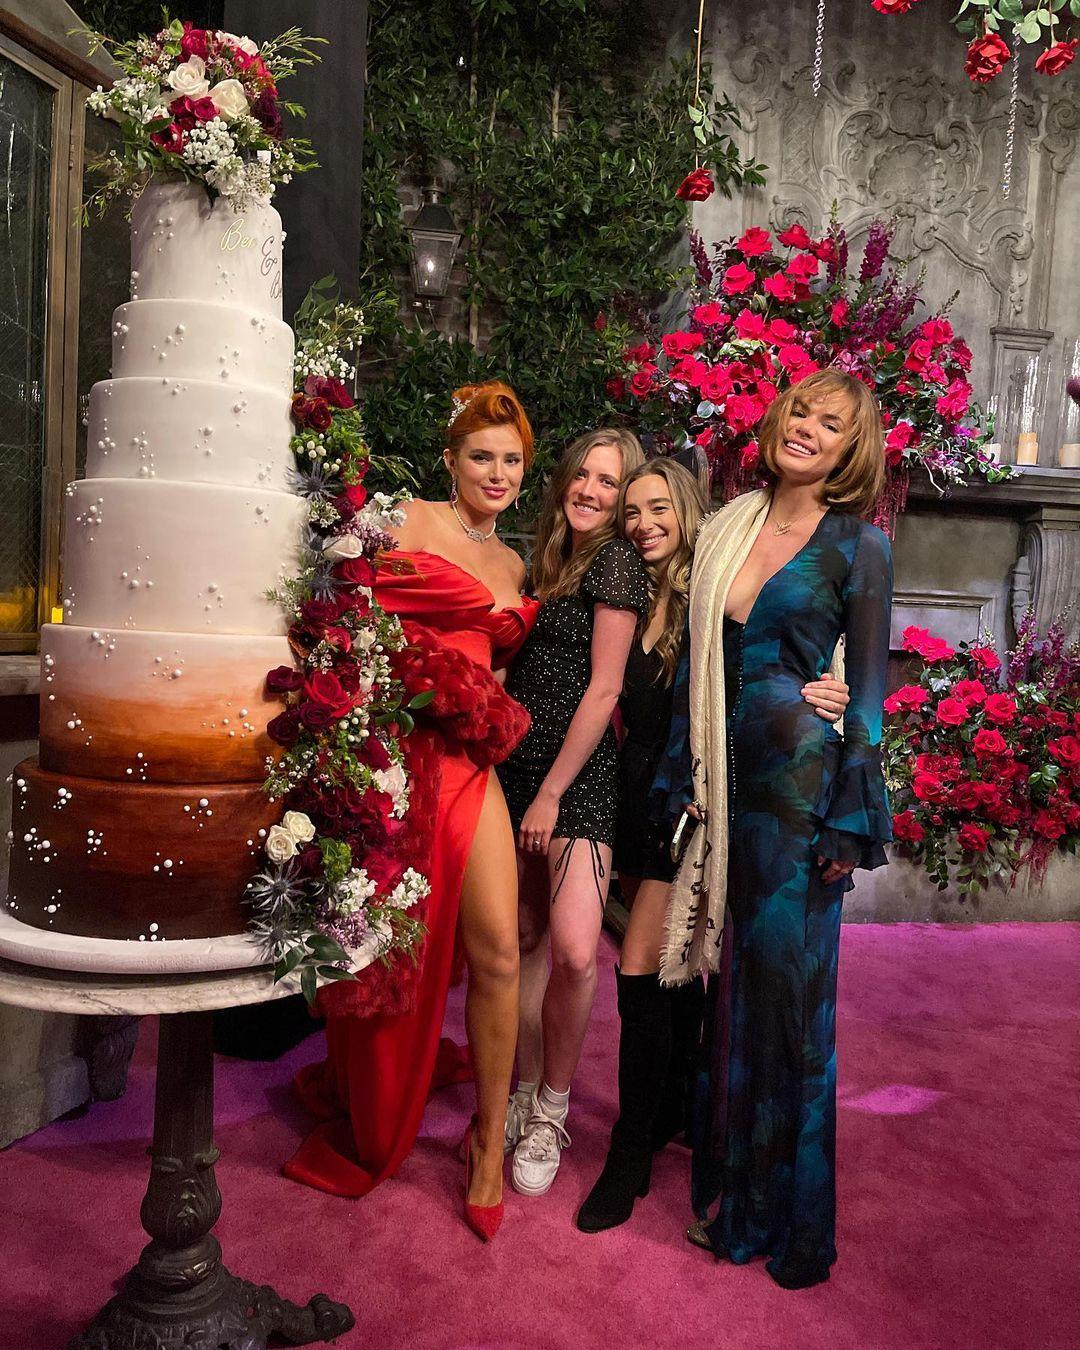 белла торн помолвка выходит замуж кто жених